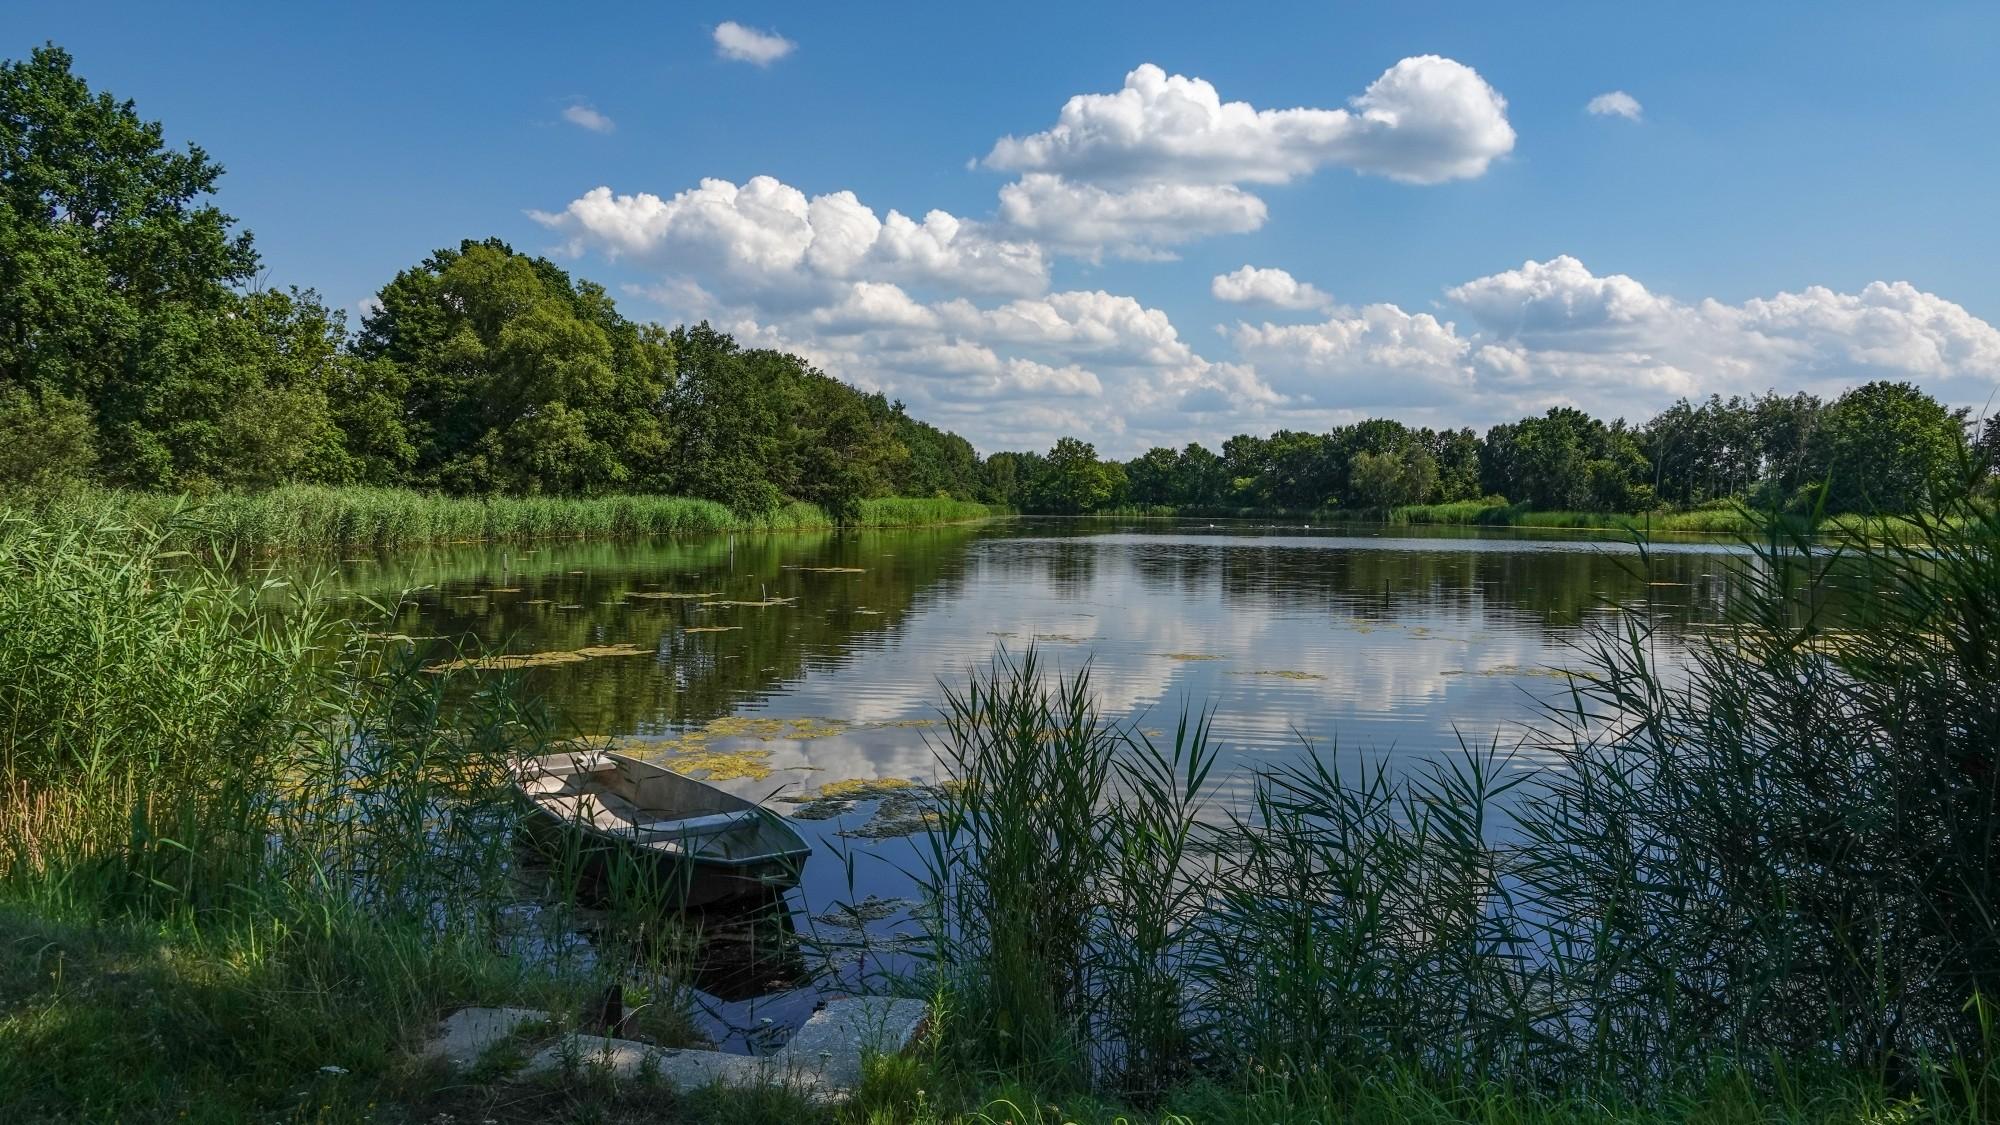 Podróż przez polską prowincję - zdjęcie 3